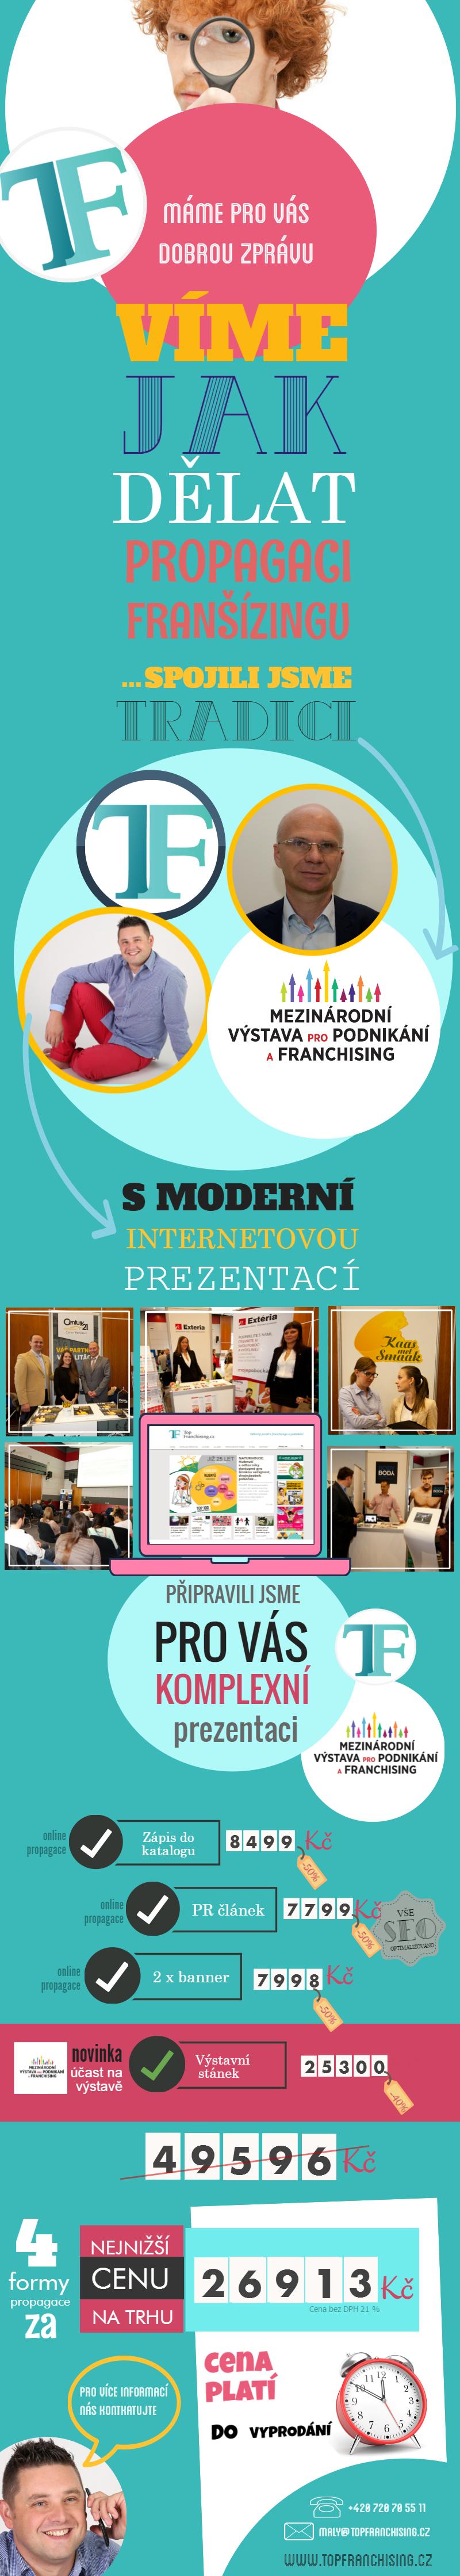 3. Spojili jsme špičkový online marketing s tradiční výstavou franchisingu